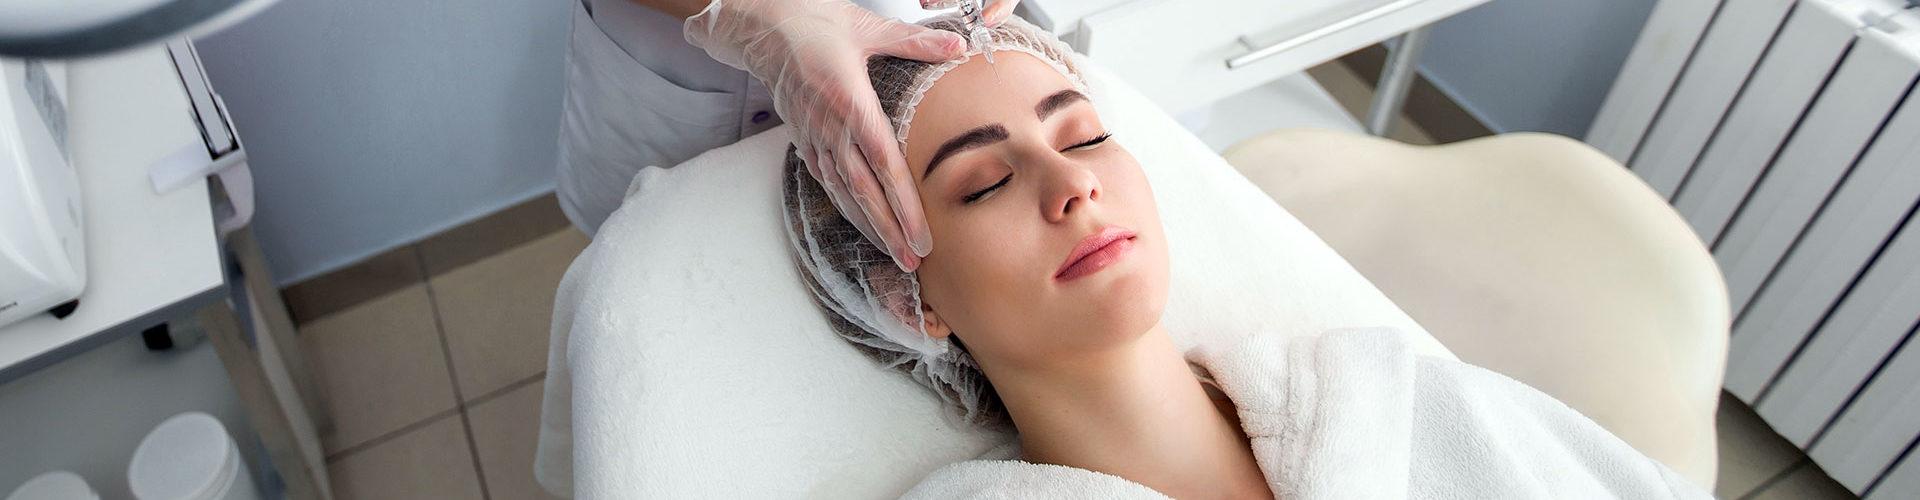 Injection d'acide hyaluronique et Botox, des pratiques en forte hausse